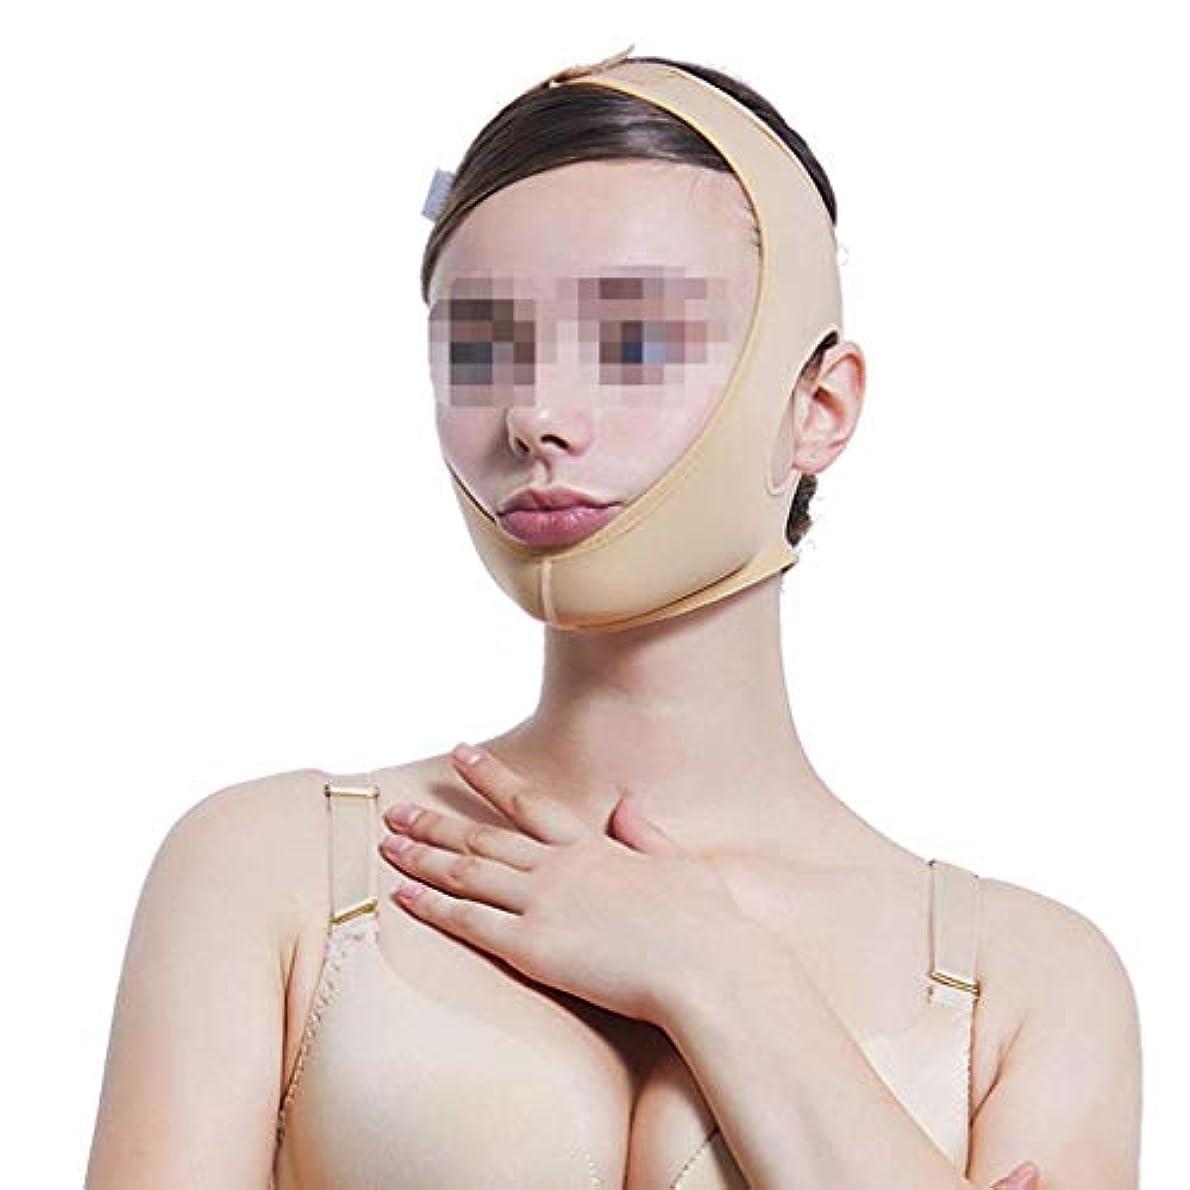 乳製品科学者フィードオンビームフェイス弾性ヘッドギア、ダブルあごのあごのセットをマスクの後に線彫り薄いフェイス包帯マルチサイズオプション(サイズ:XS),XS